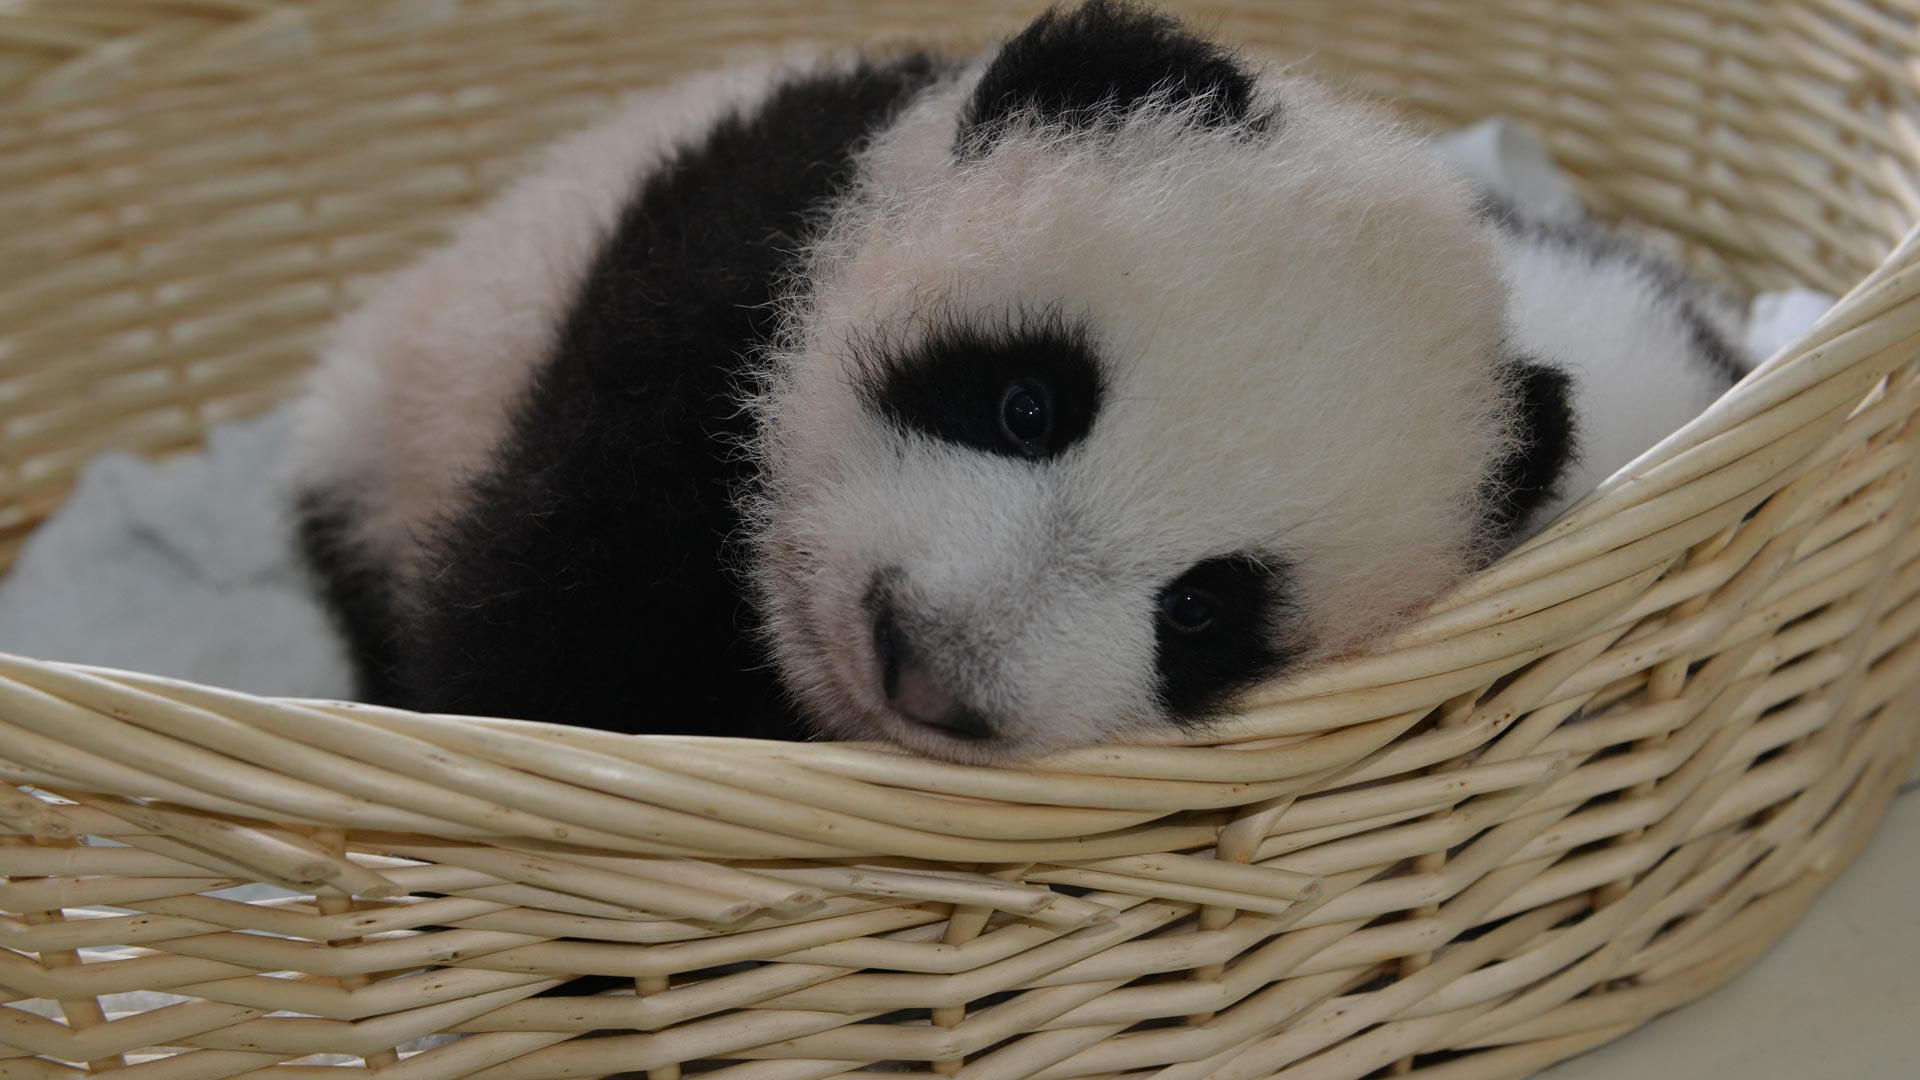 图片记录大熊猫宝宝百变萌态